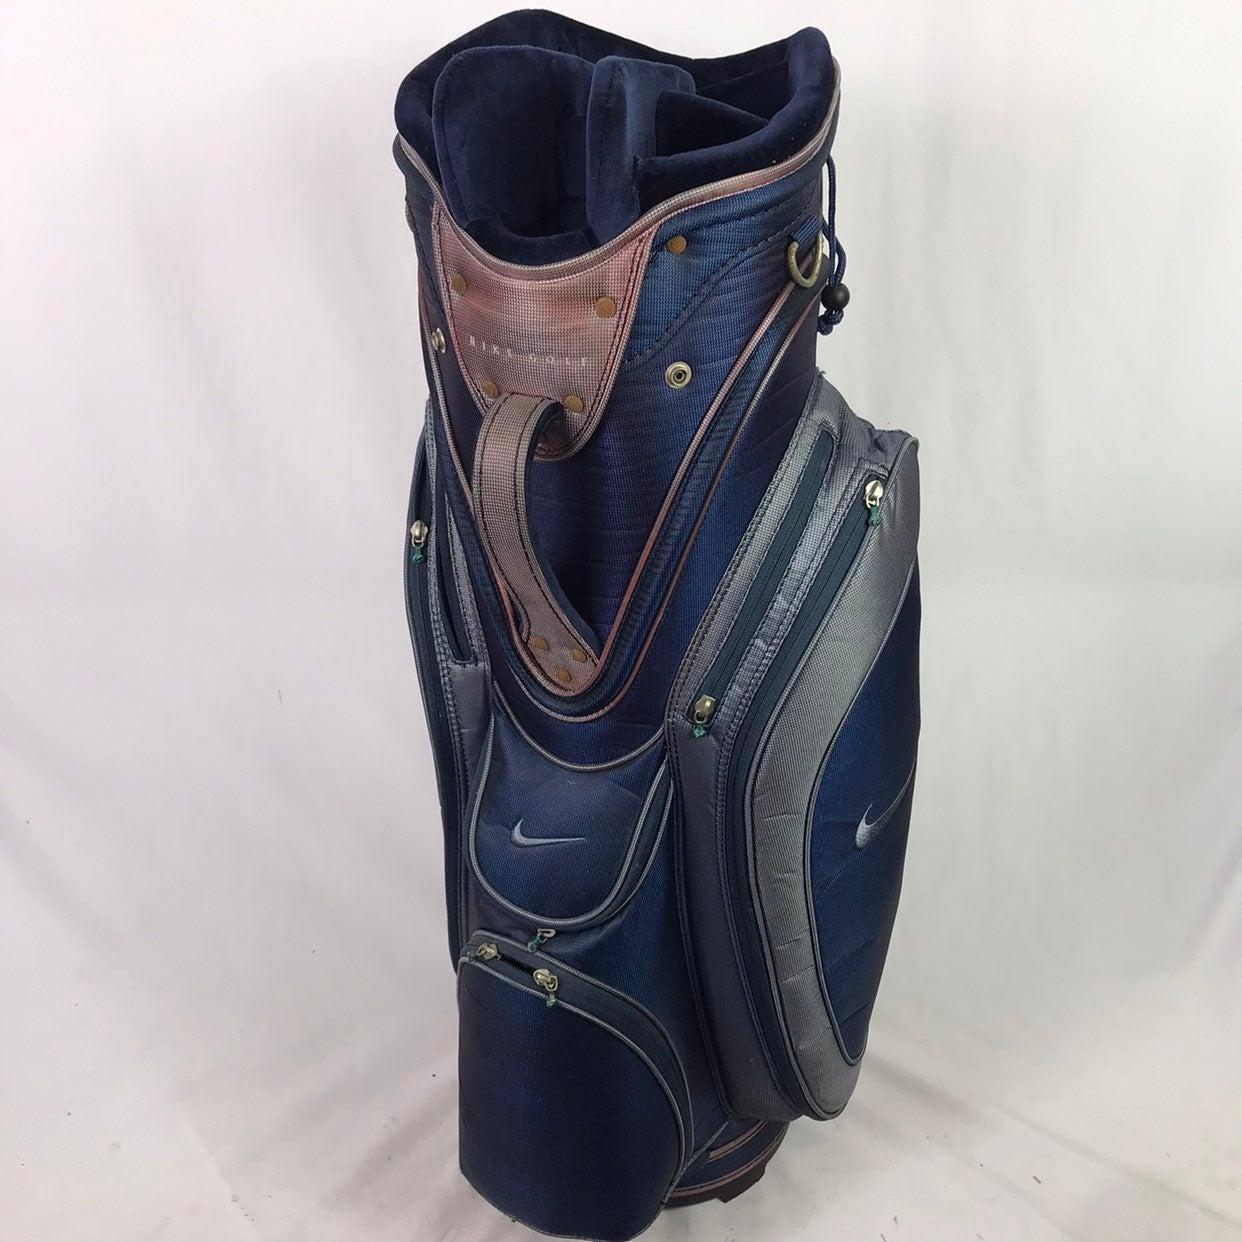 Vintage Nike Golf Cart Bag 7 Way.